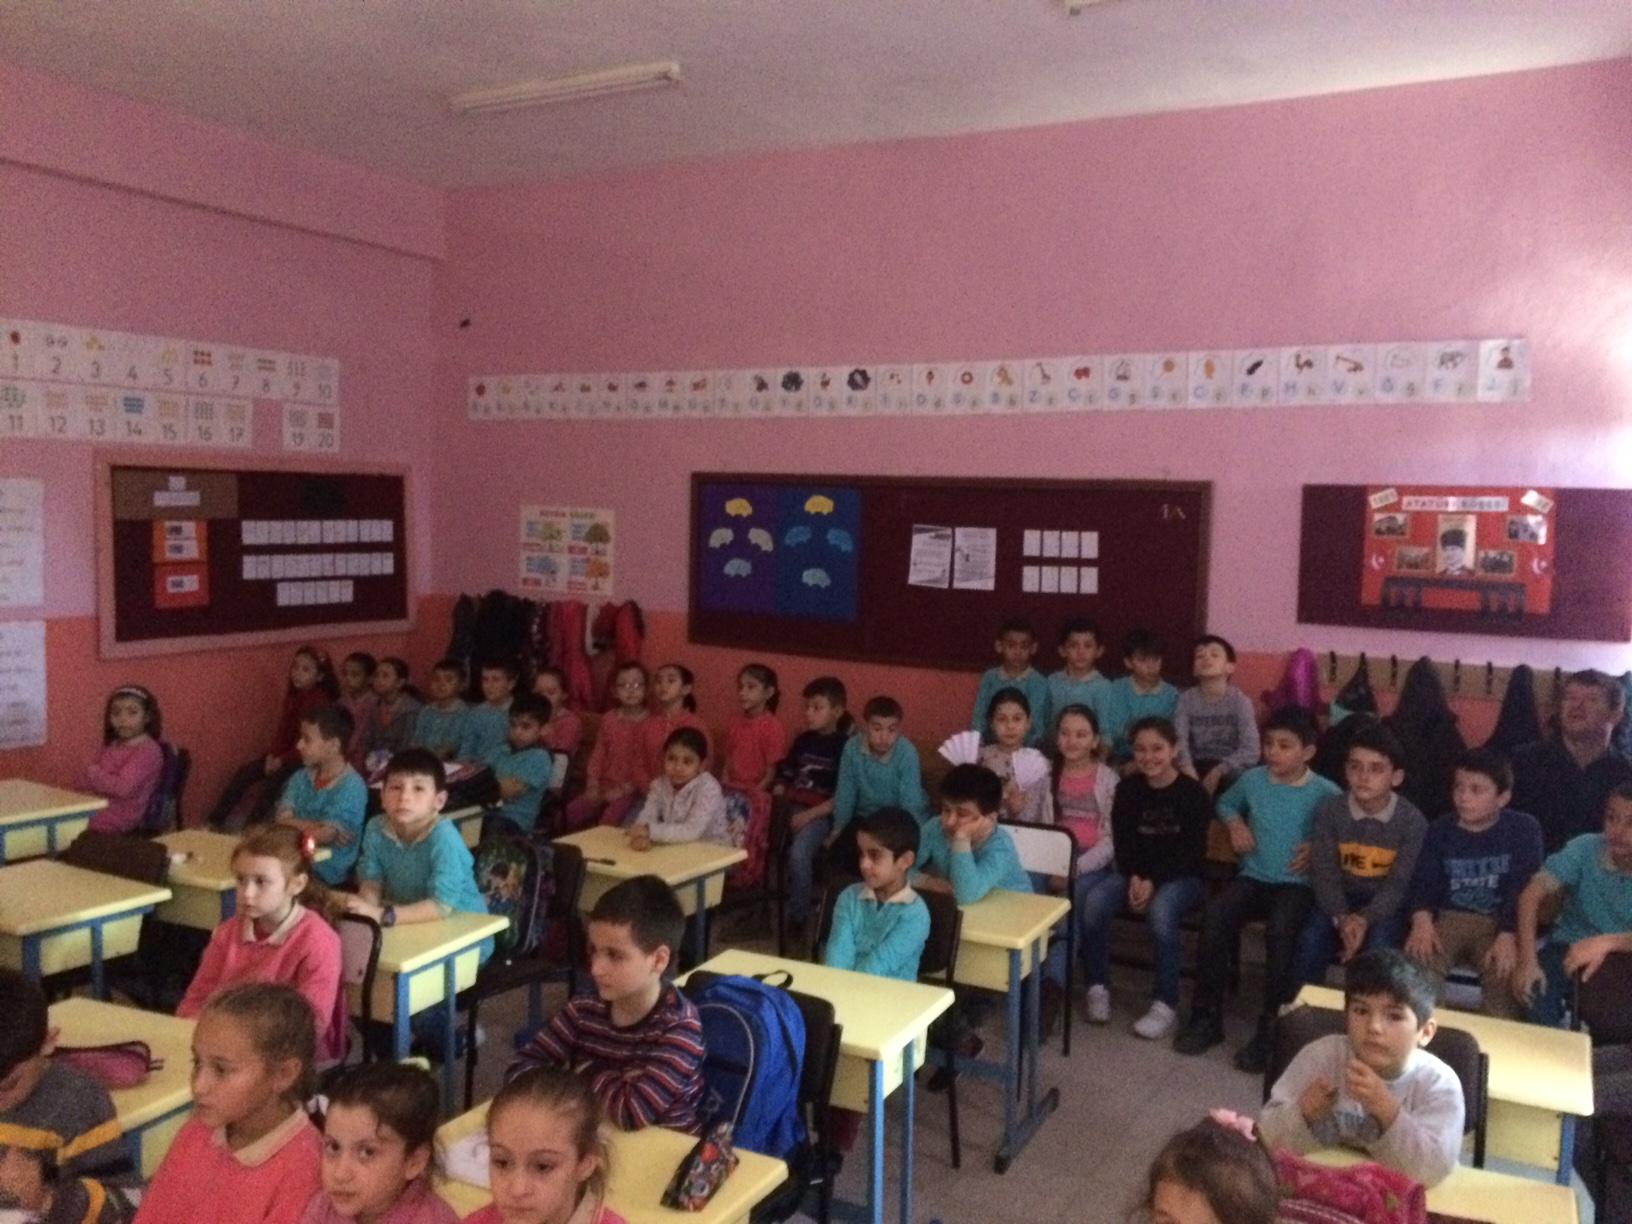 Bakraçboz İlkokulu'nda Sıfır Atık Konulu Eğitim Verildi